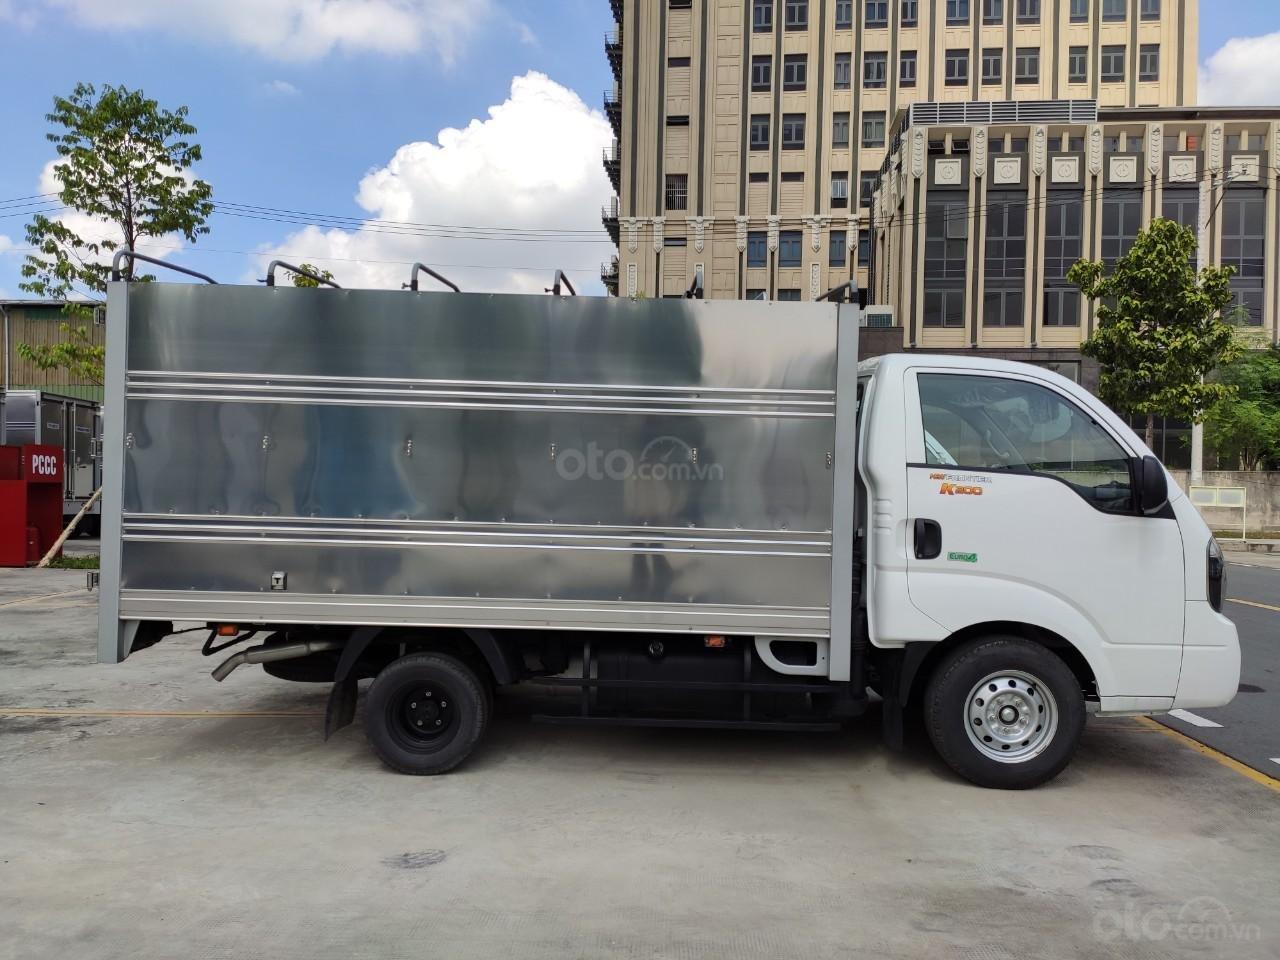 Xe tải Kia 1T / xe tải Kia 1T4/ xe tải Kia 1T9/ Kia K200/ trả góp 75% (6)